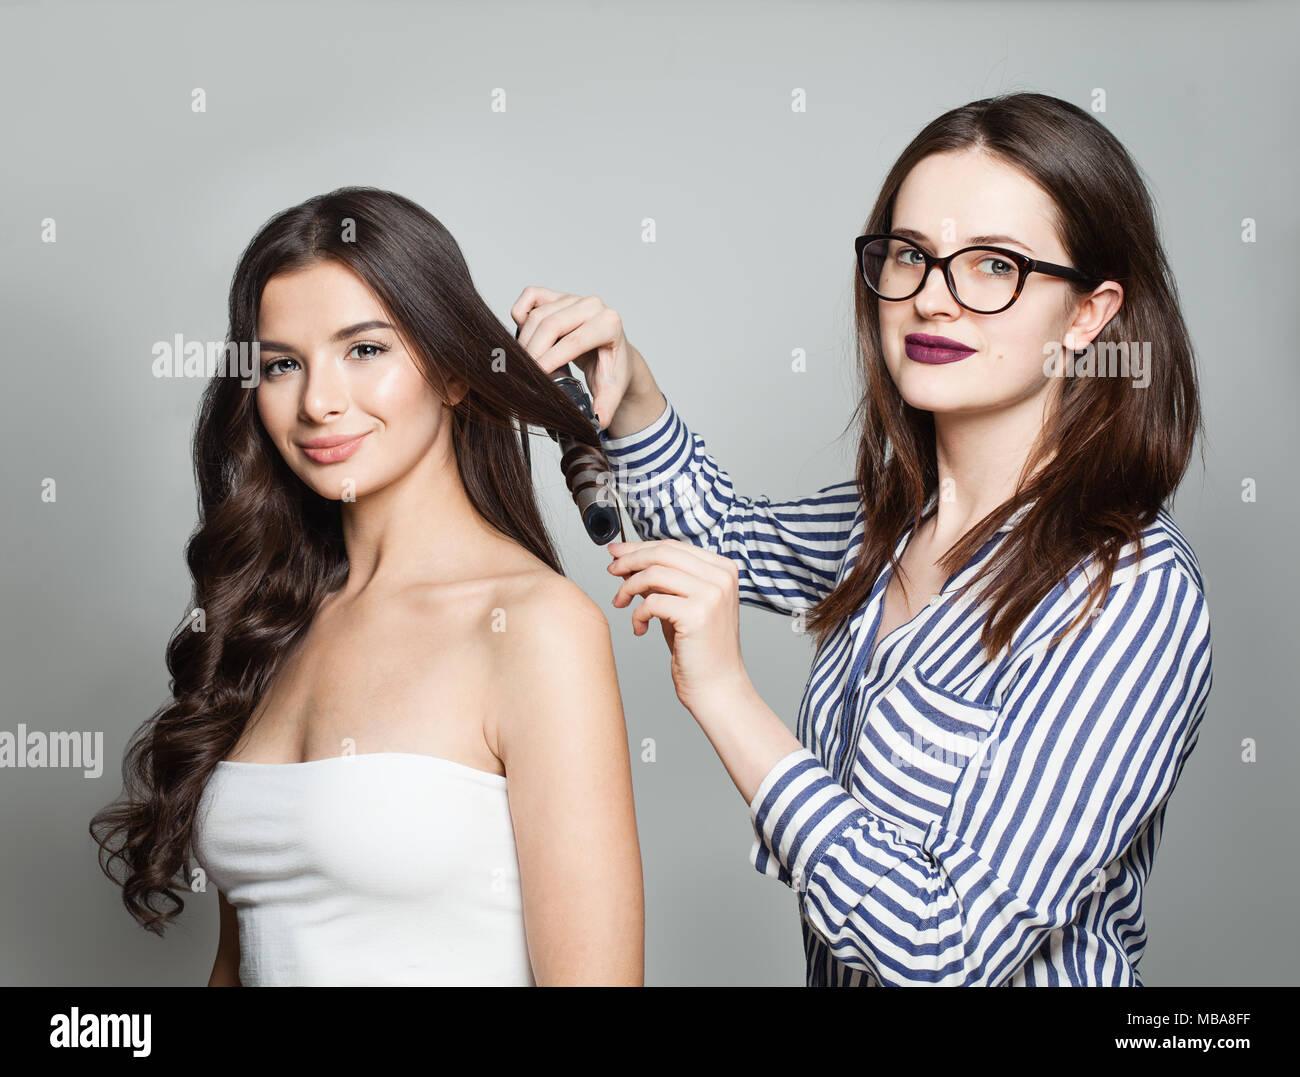 Friseur Oder Frisor Mit Lockenstab Fur Perfekte Locken Frisur Und